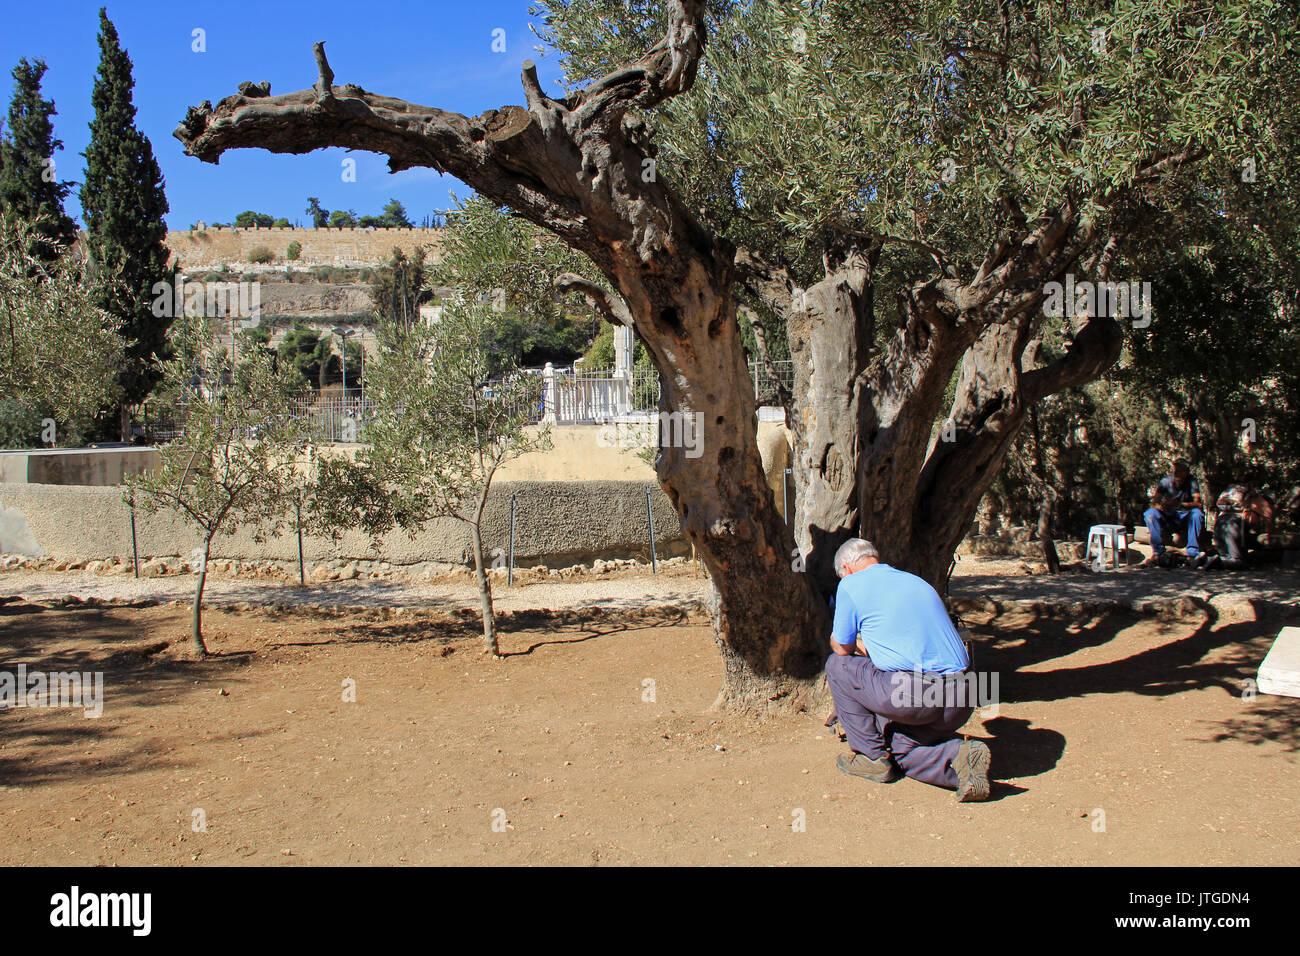 JERUSALEM, ISRAEL - OCTOBER 25, 2013:  Older man kneeling and bowing to pray in the Garden of Gethsemane in Jerusalem, Israel. - Stock Image